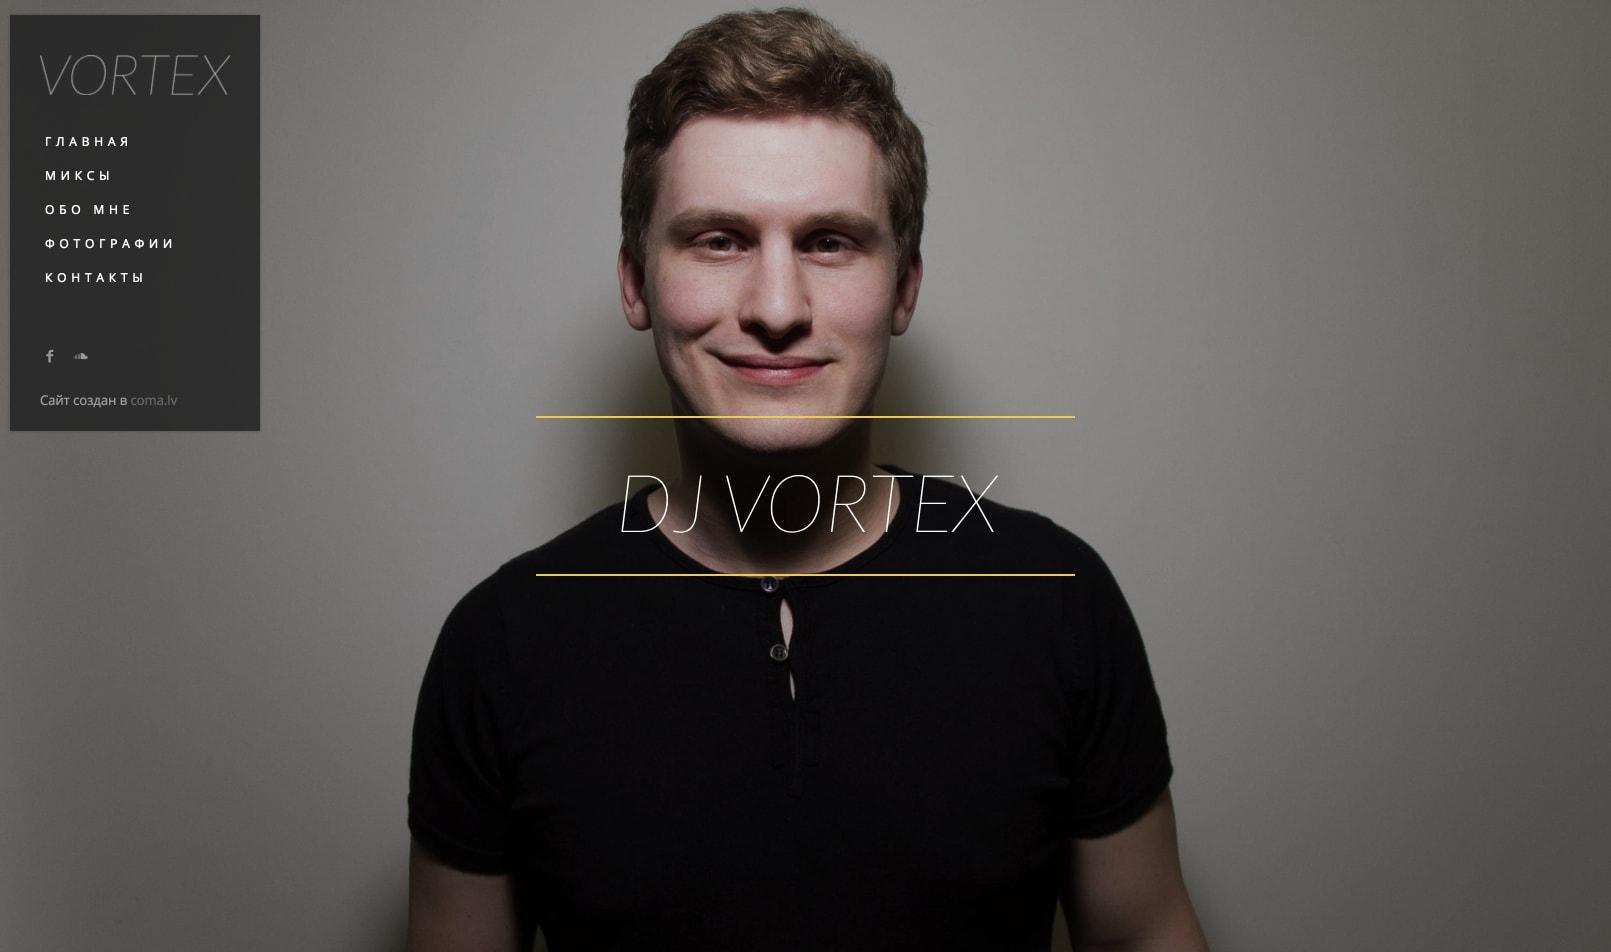 Сайт визитка для DJ